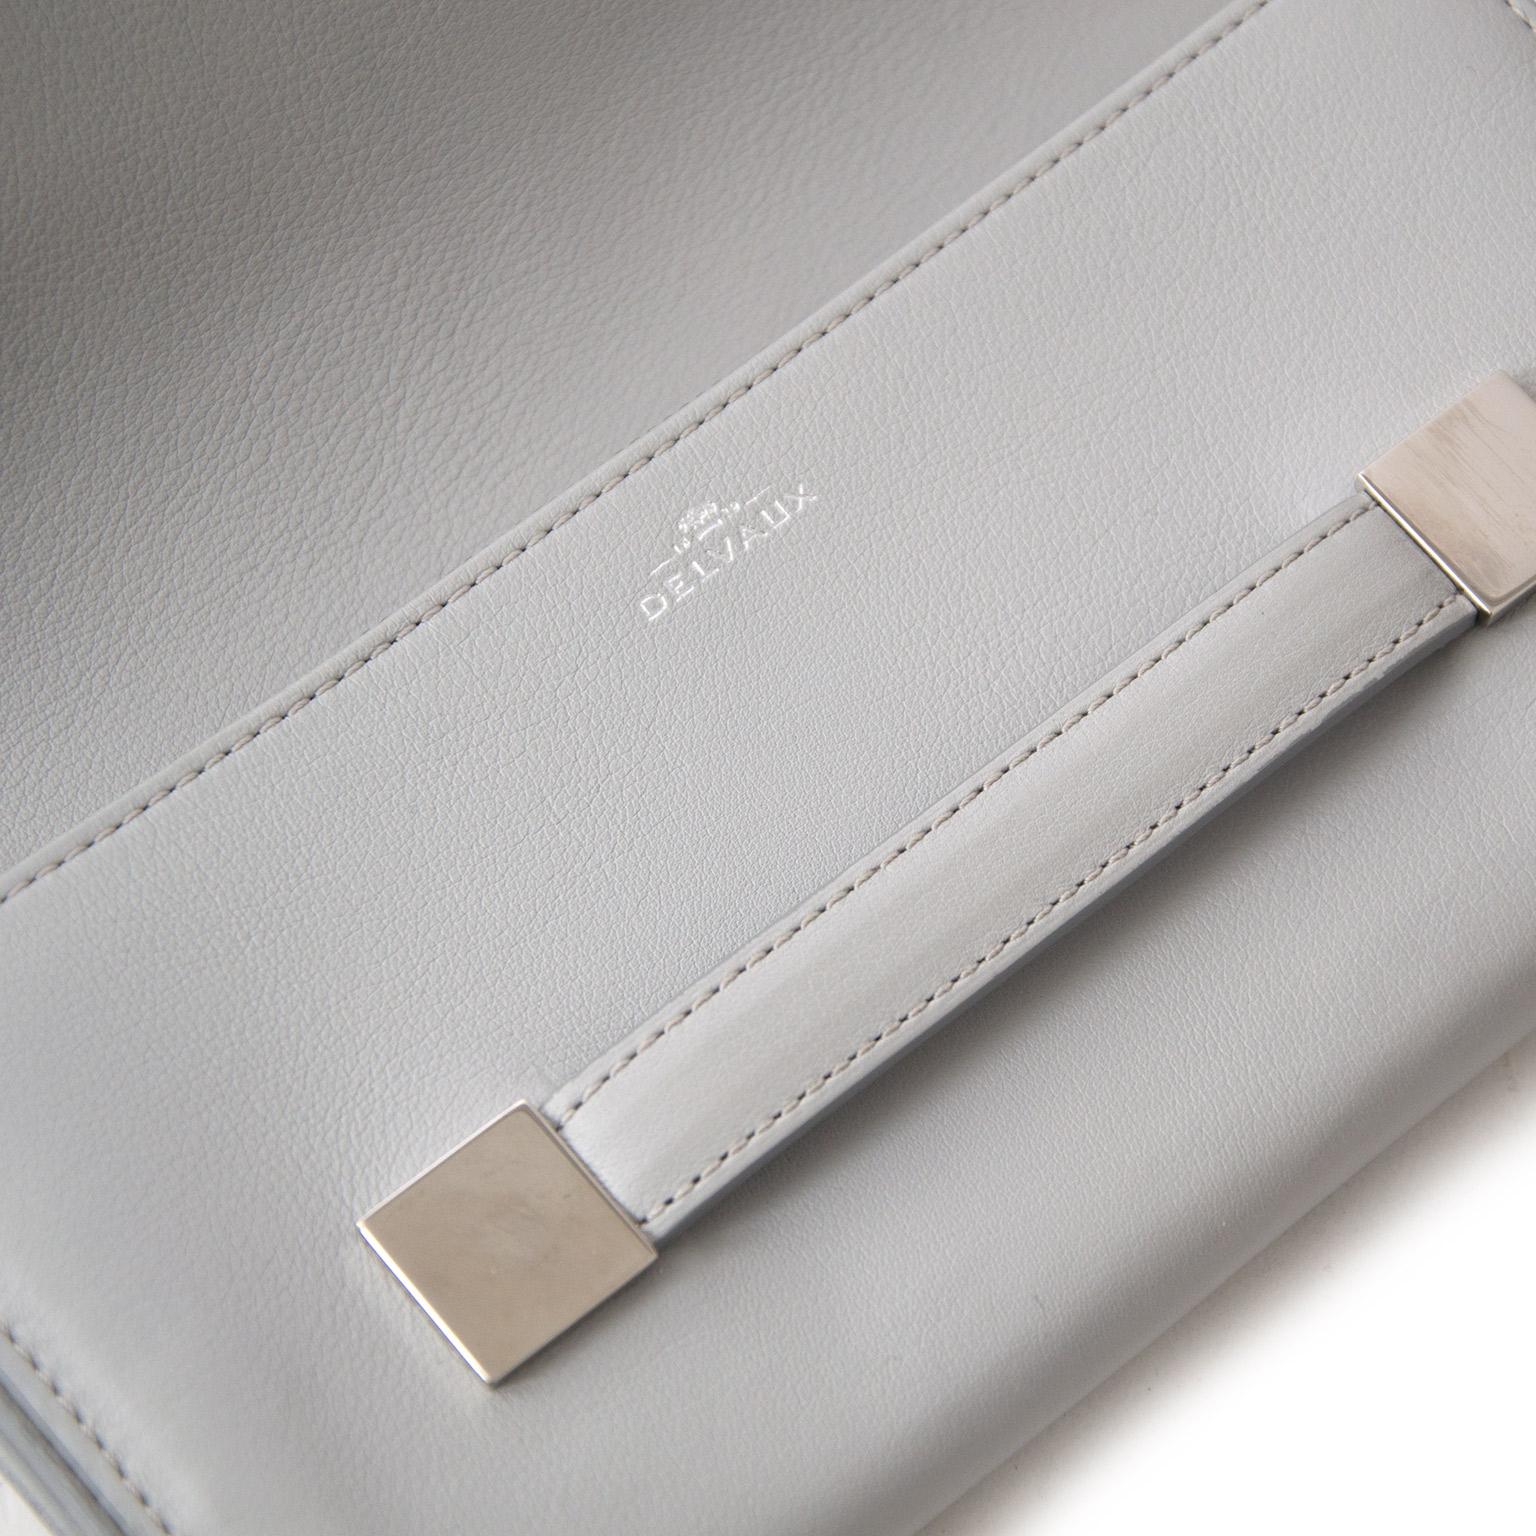 acheter en ligne pour le meilleur prix sac a main Delvaux Ardoise Perfecto Shoulder Bag